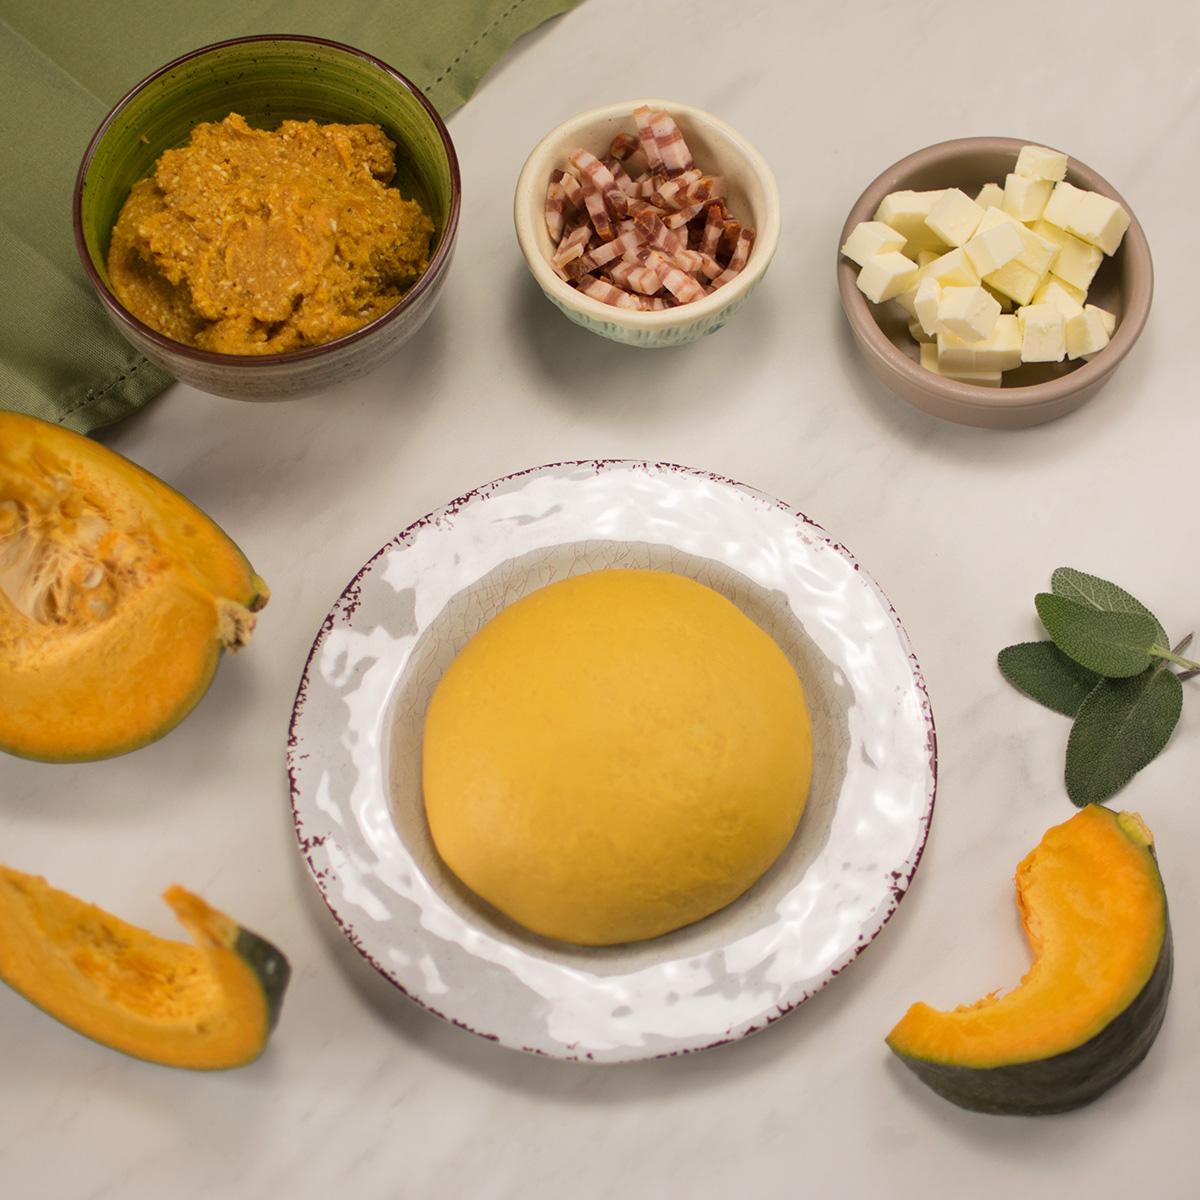 caramelle_zucca_amaretti_ingredienti